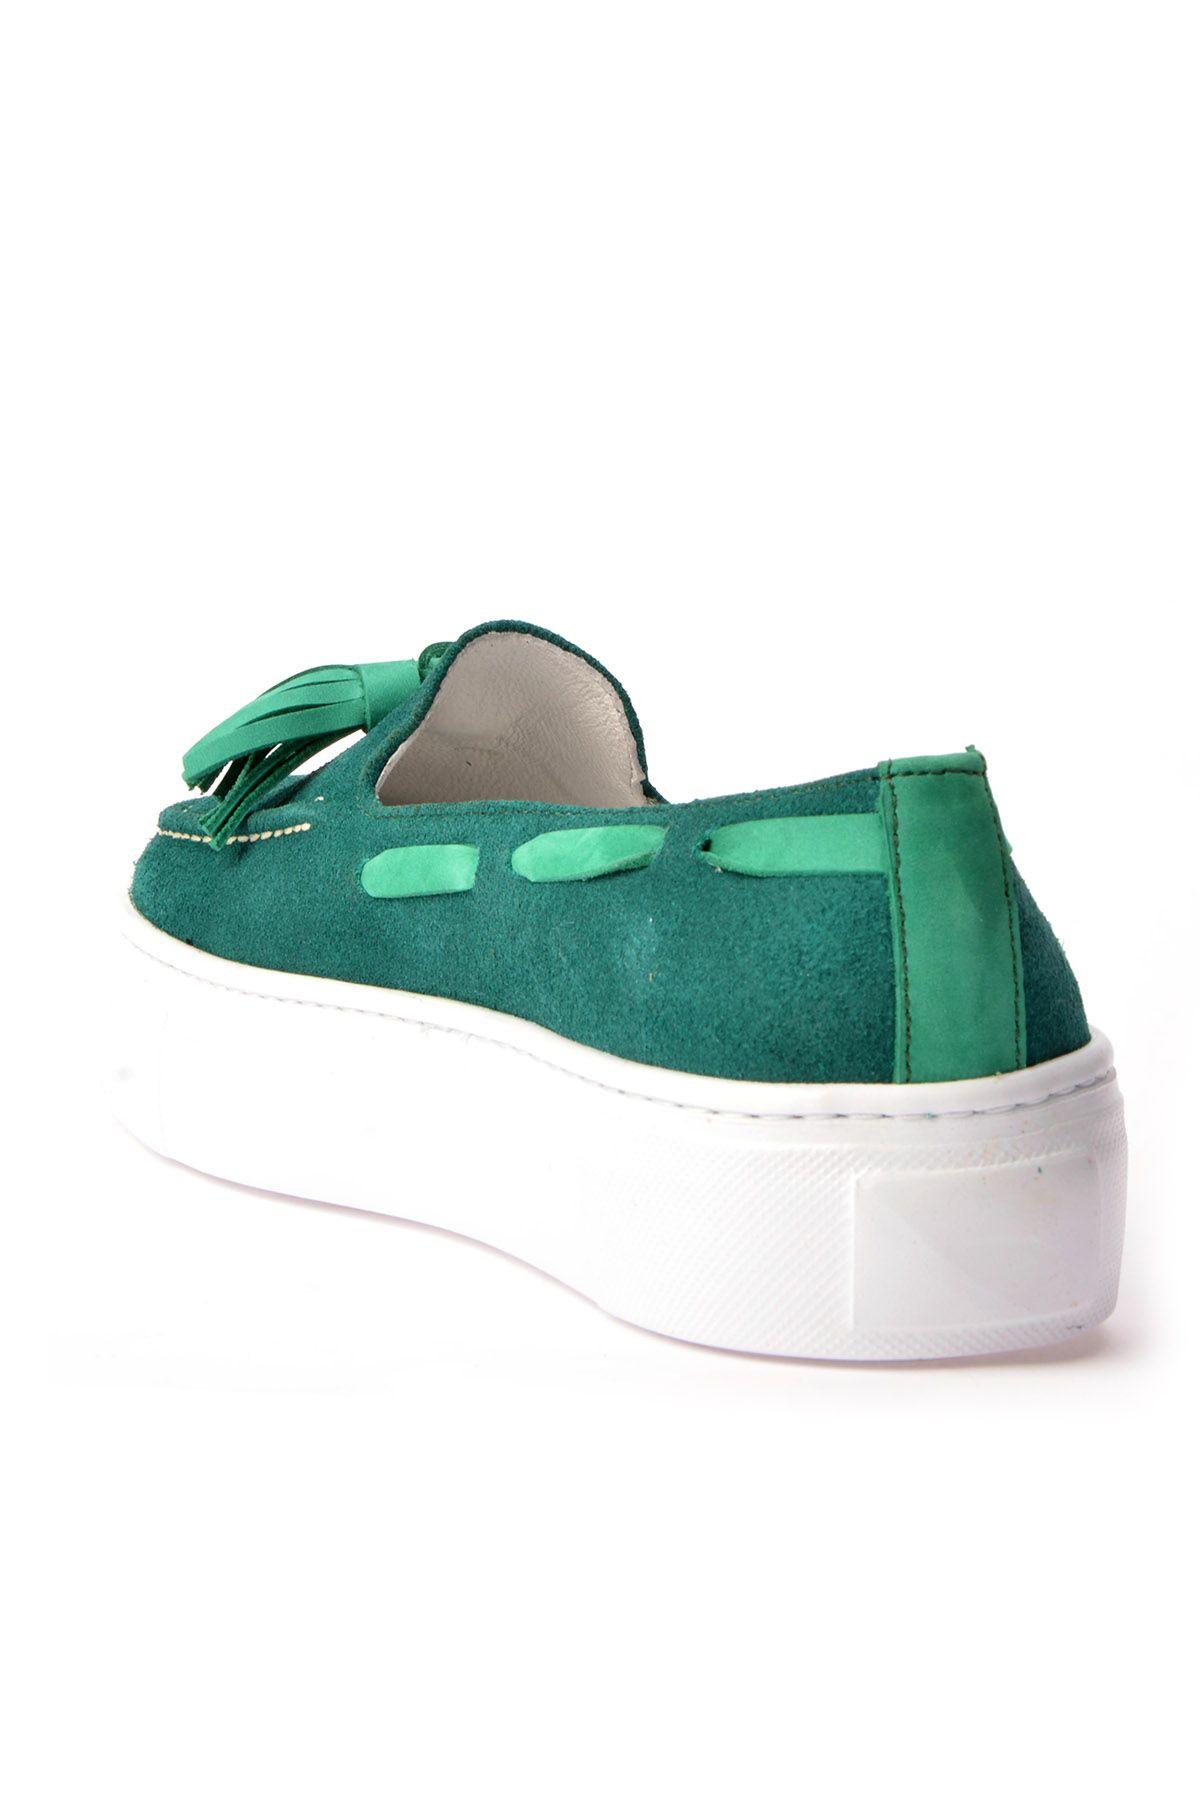 Pegia Pernety Hakiki Deri Bayan Günlük Ayakkabı REC-010 Yeşil